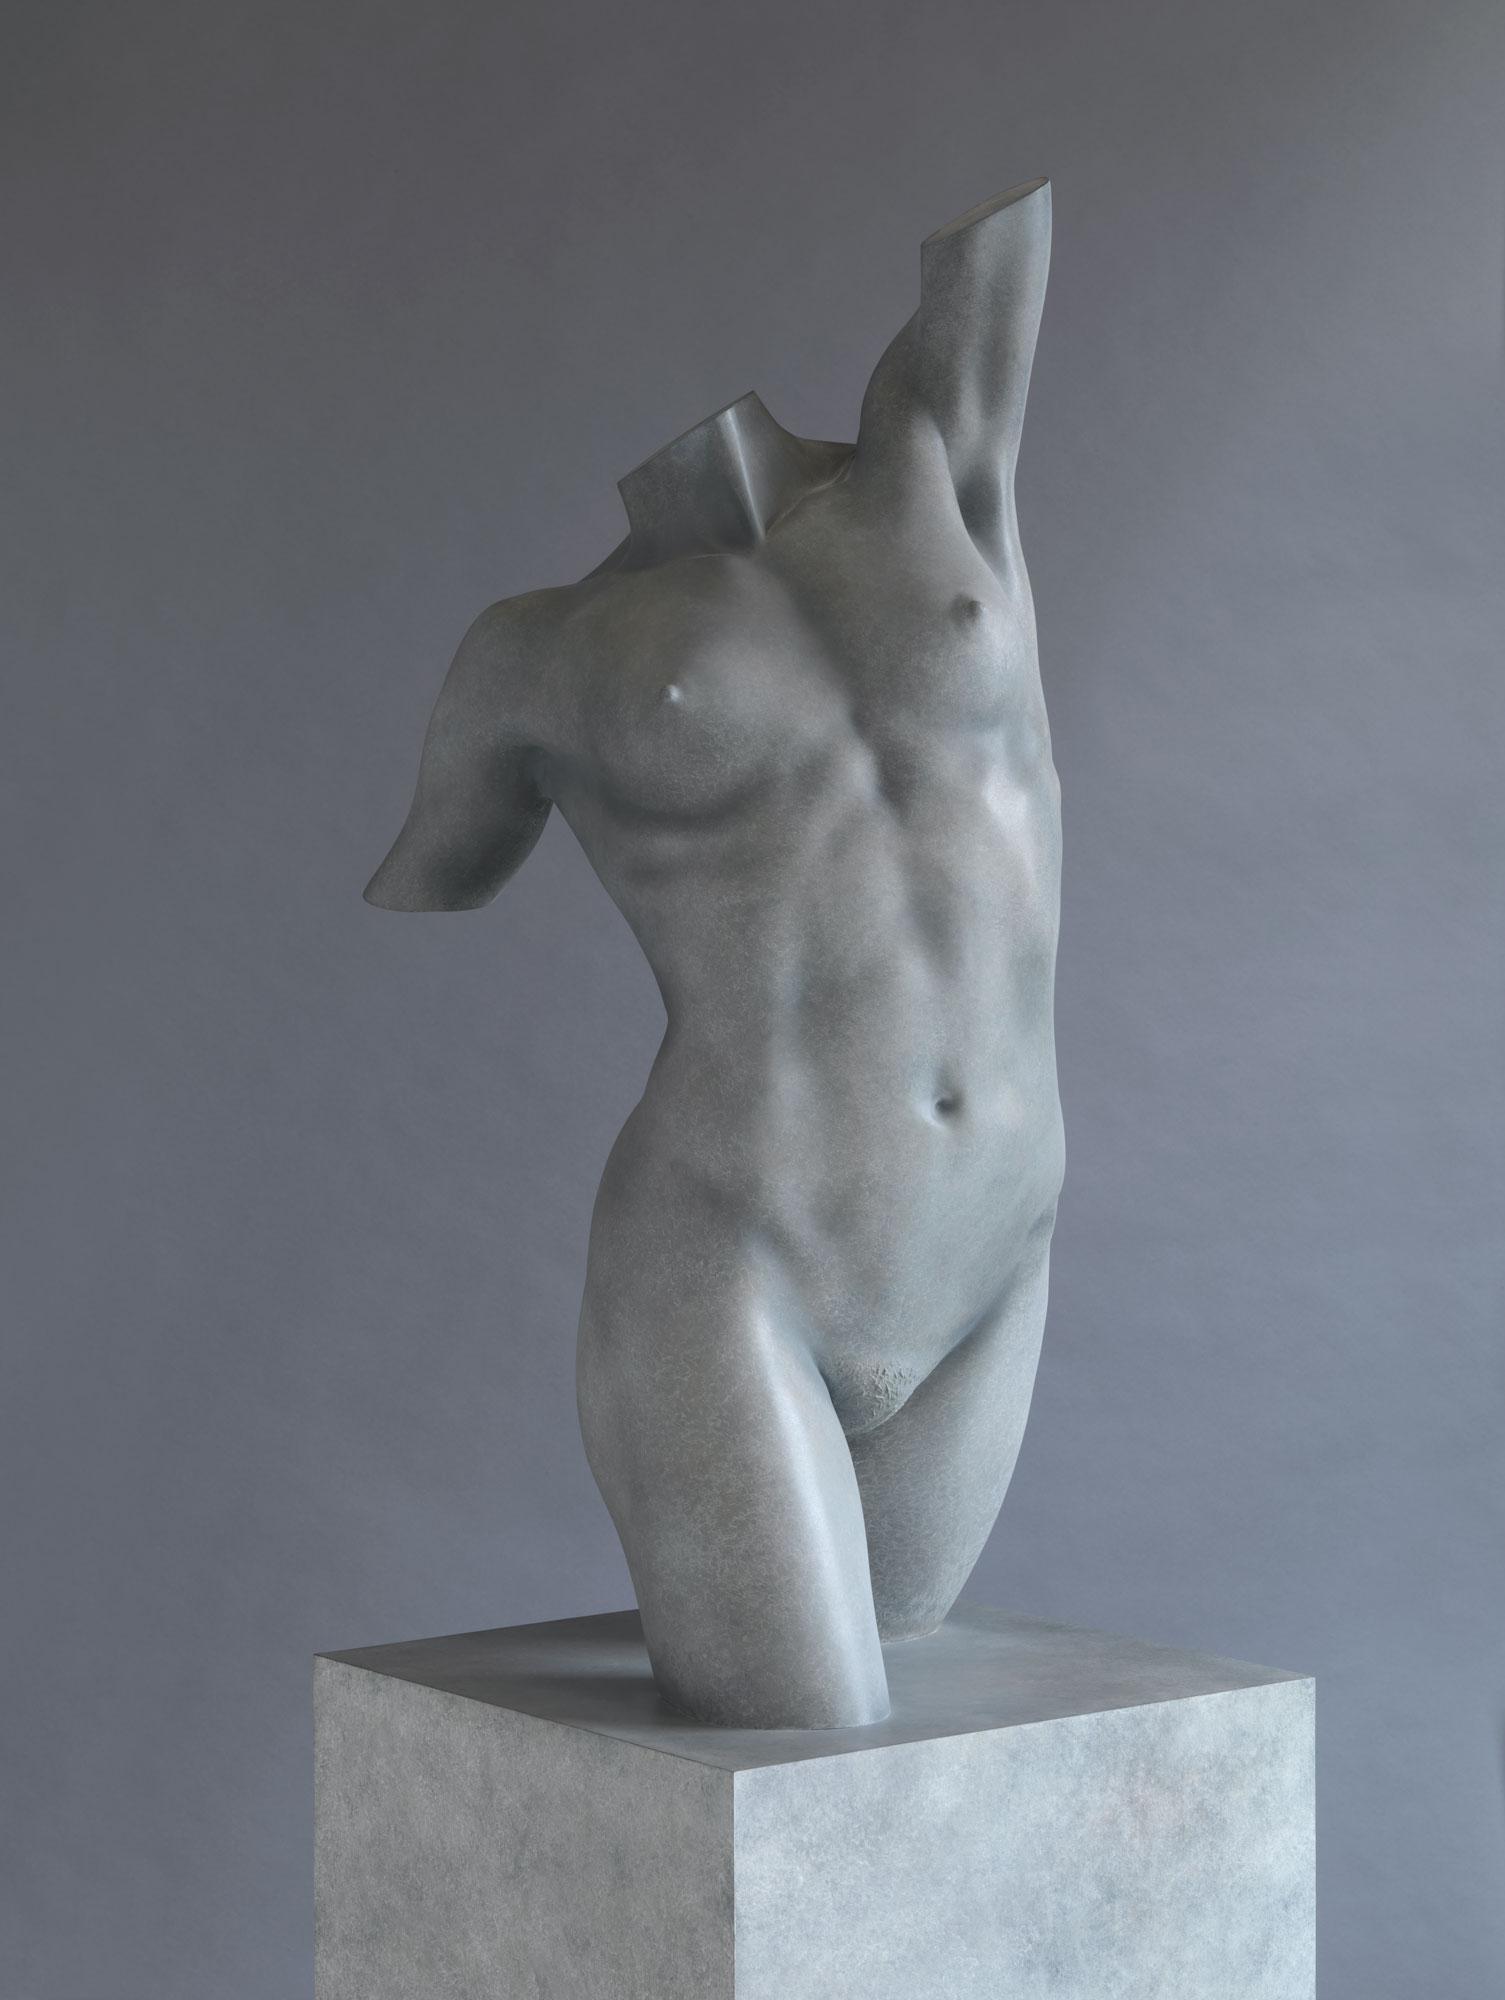 4. Artemis by Nick Bibby, Edition of 9, 80 x 22 x 21 inches (2013 x 56 x 53cm).jpg